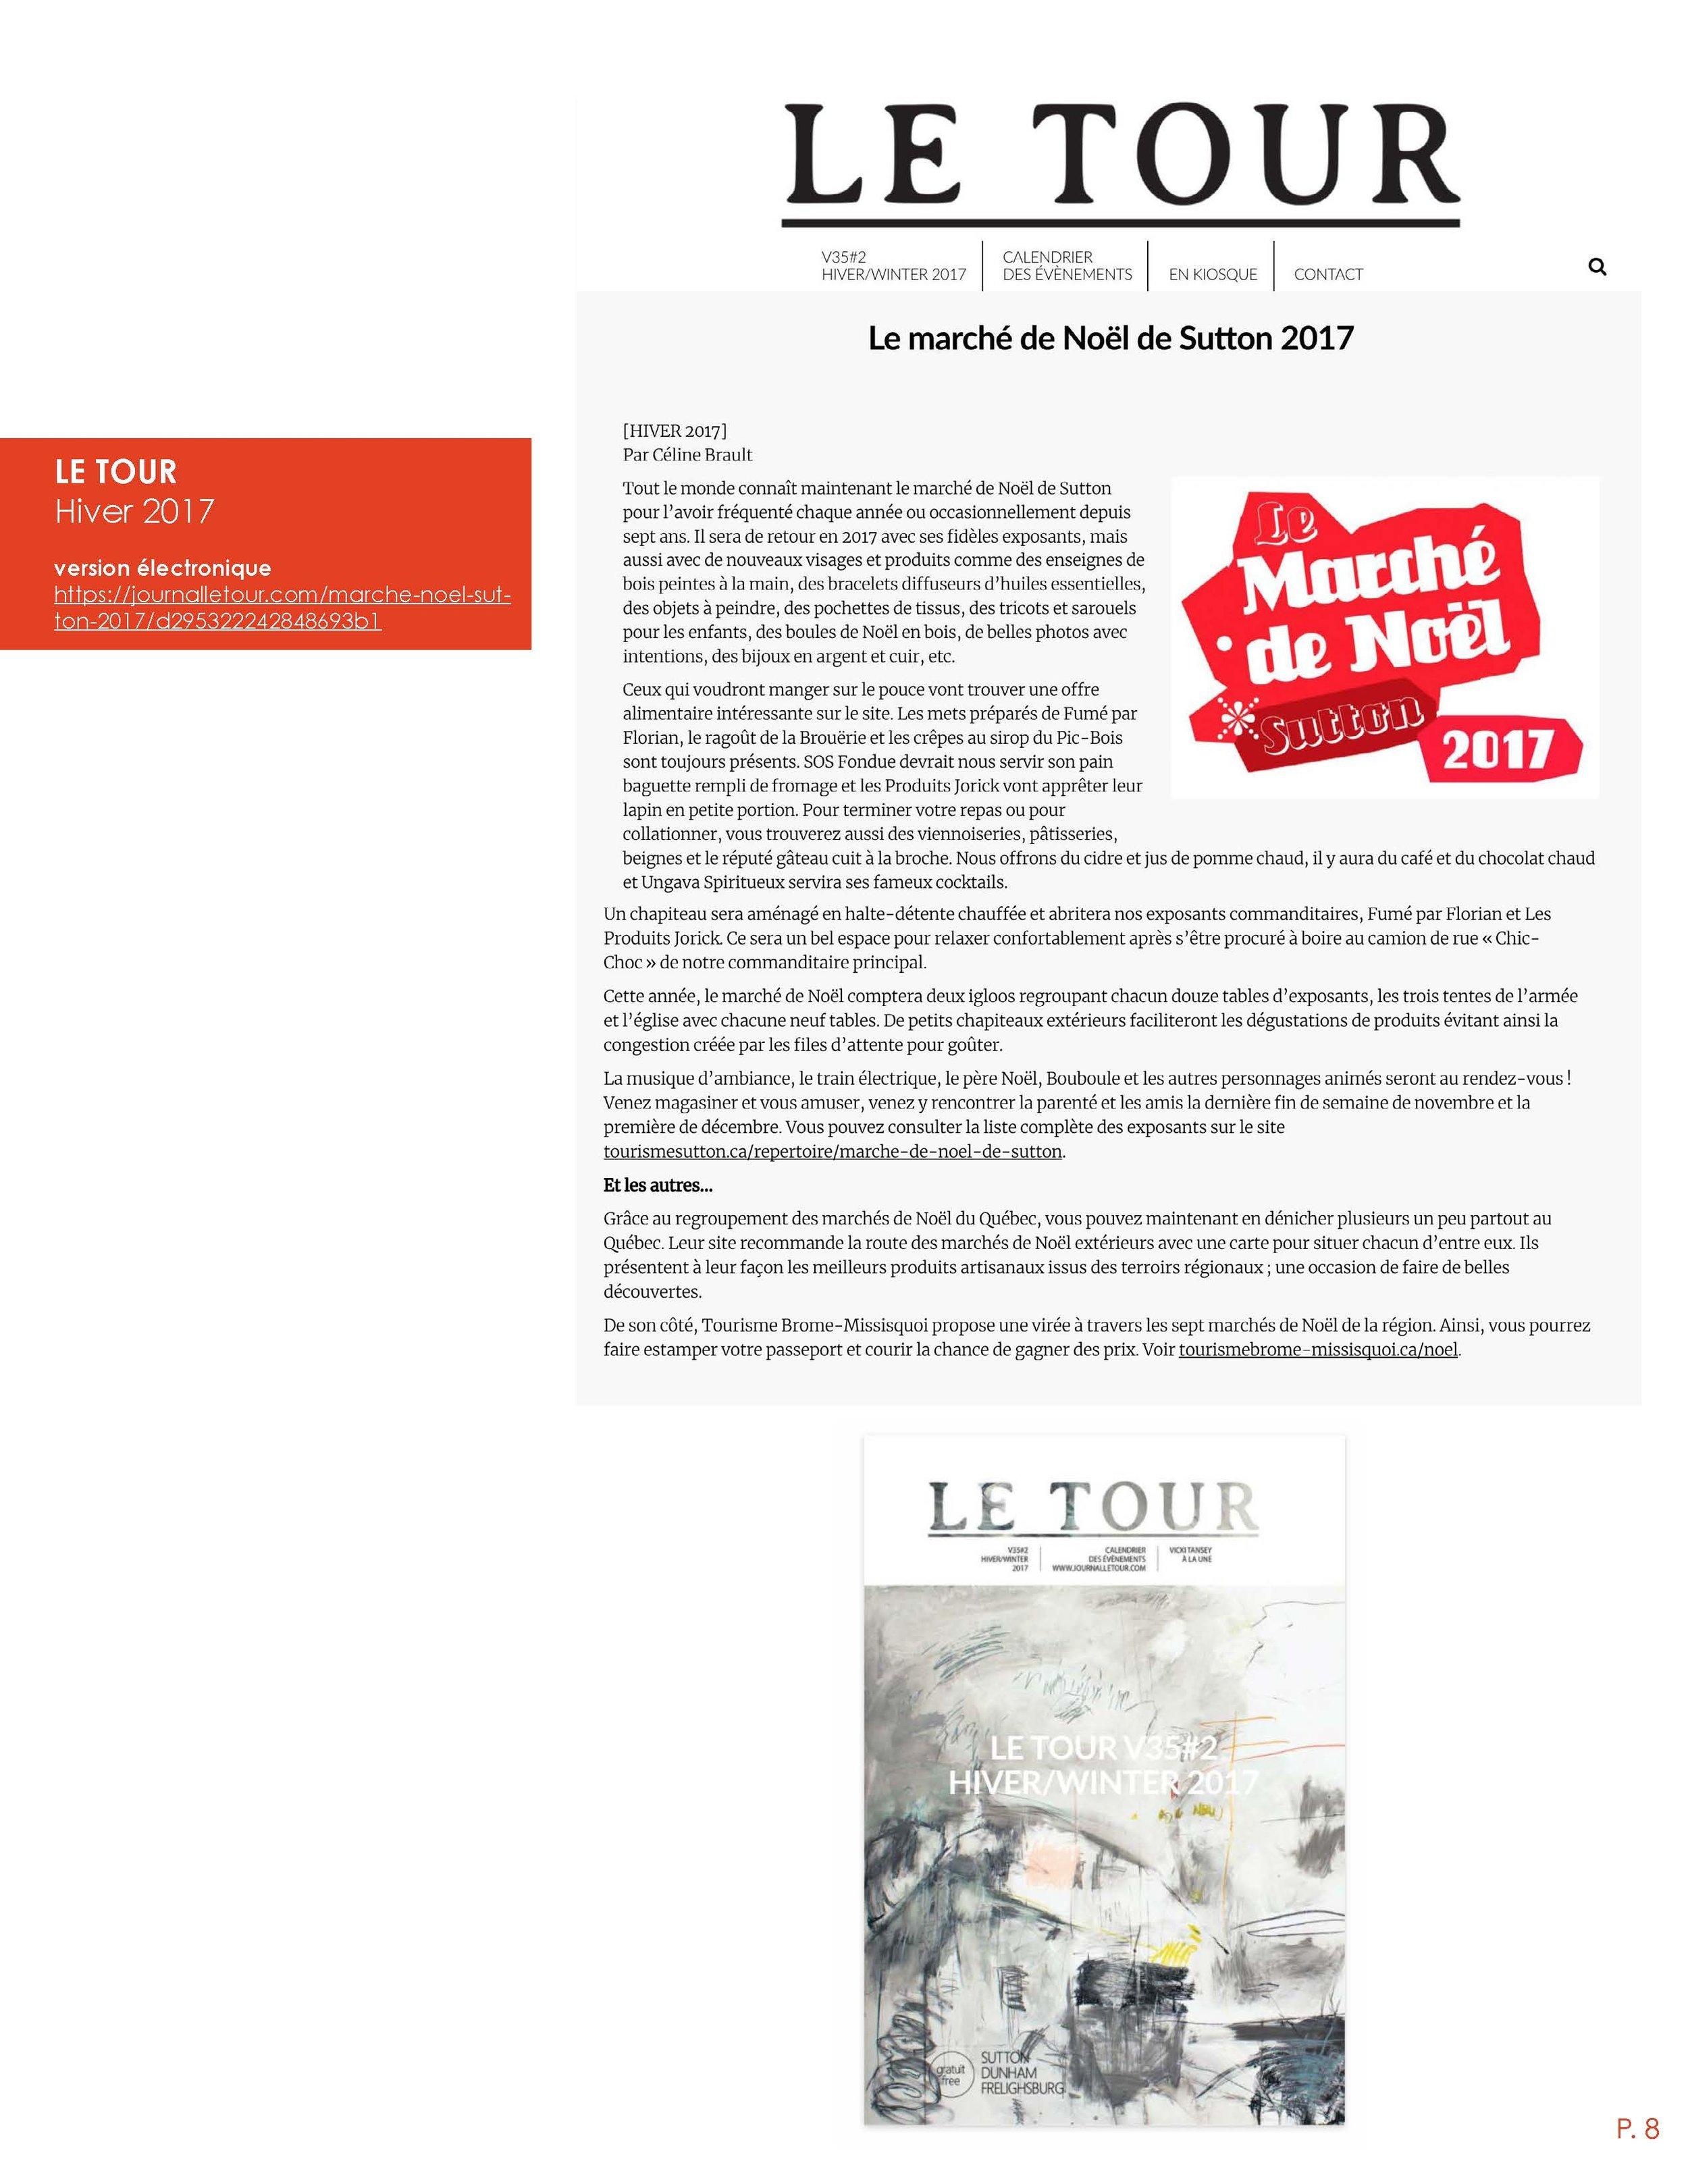 Revue de presse - MARCHÉ DE NOËL SUTTON 2017_Page_08.jpg